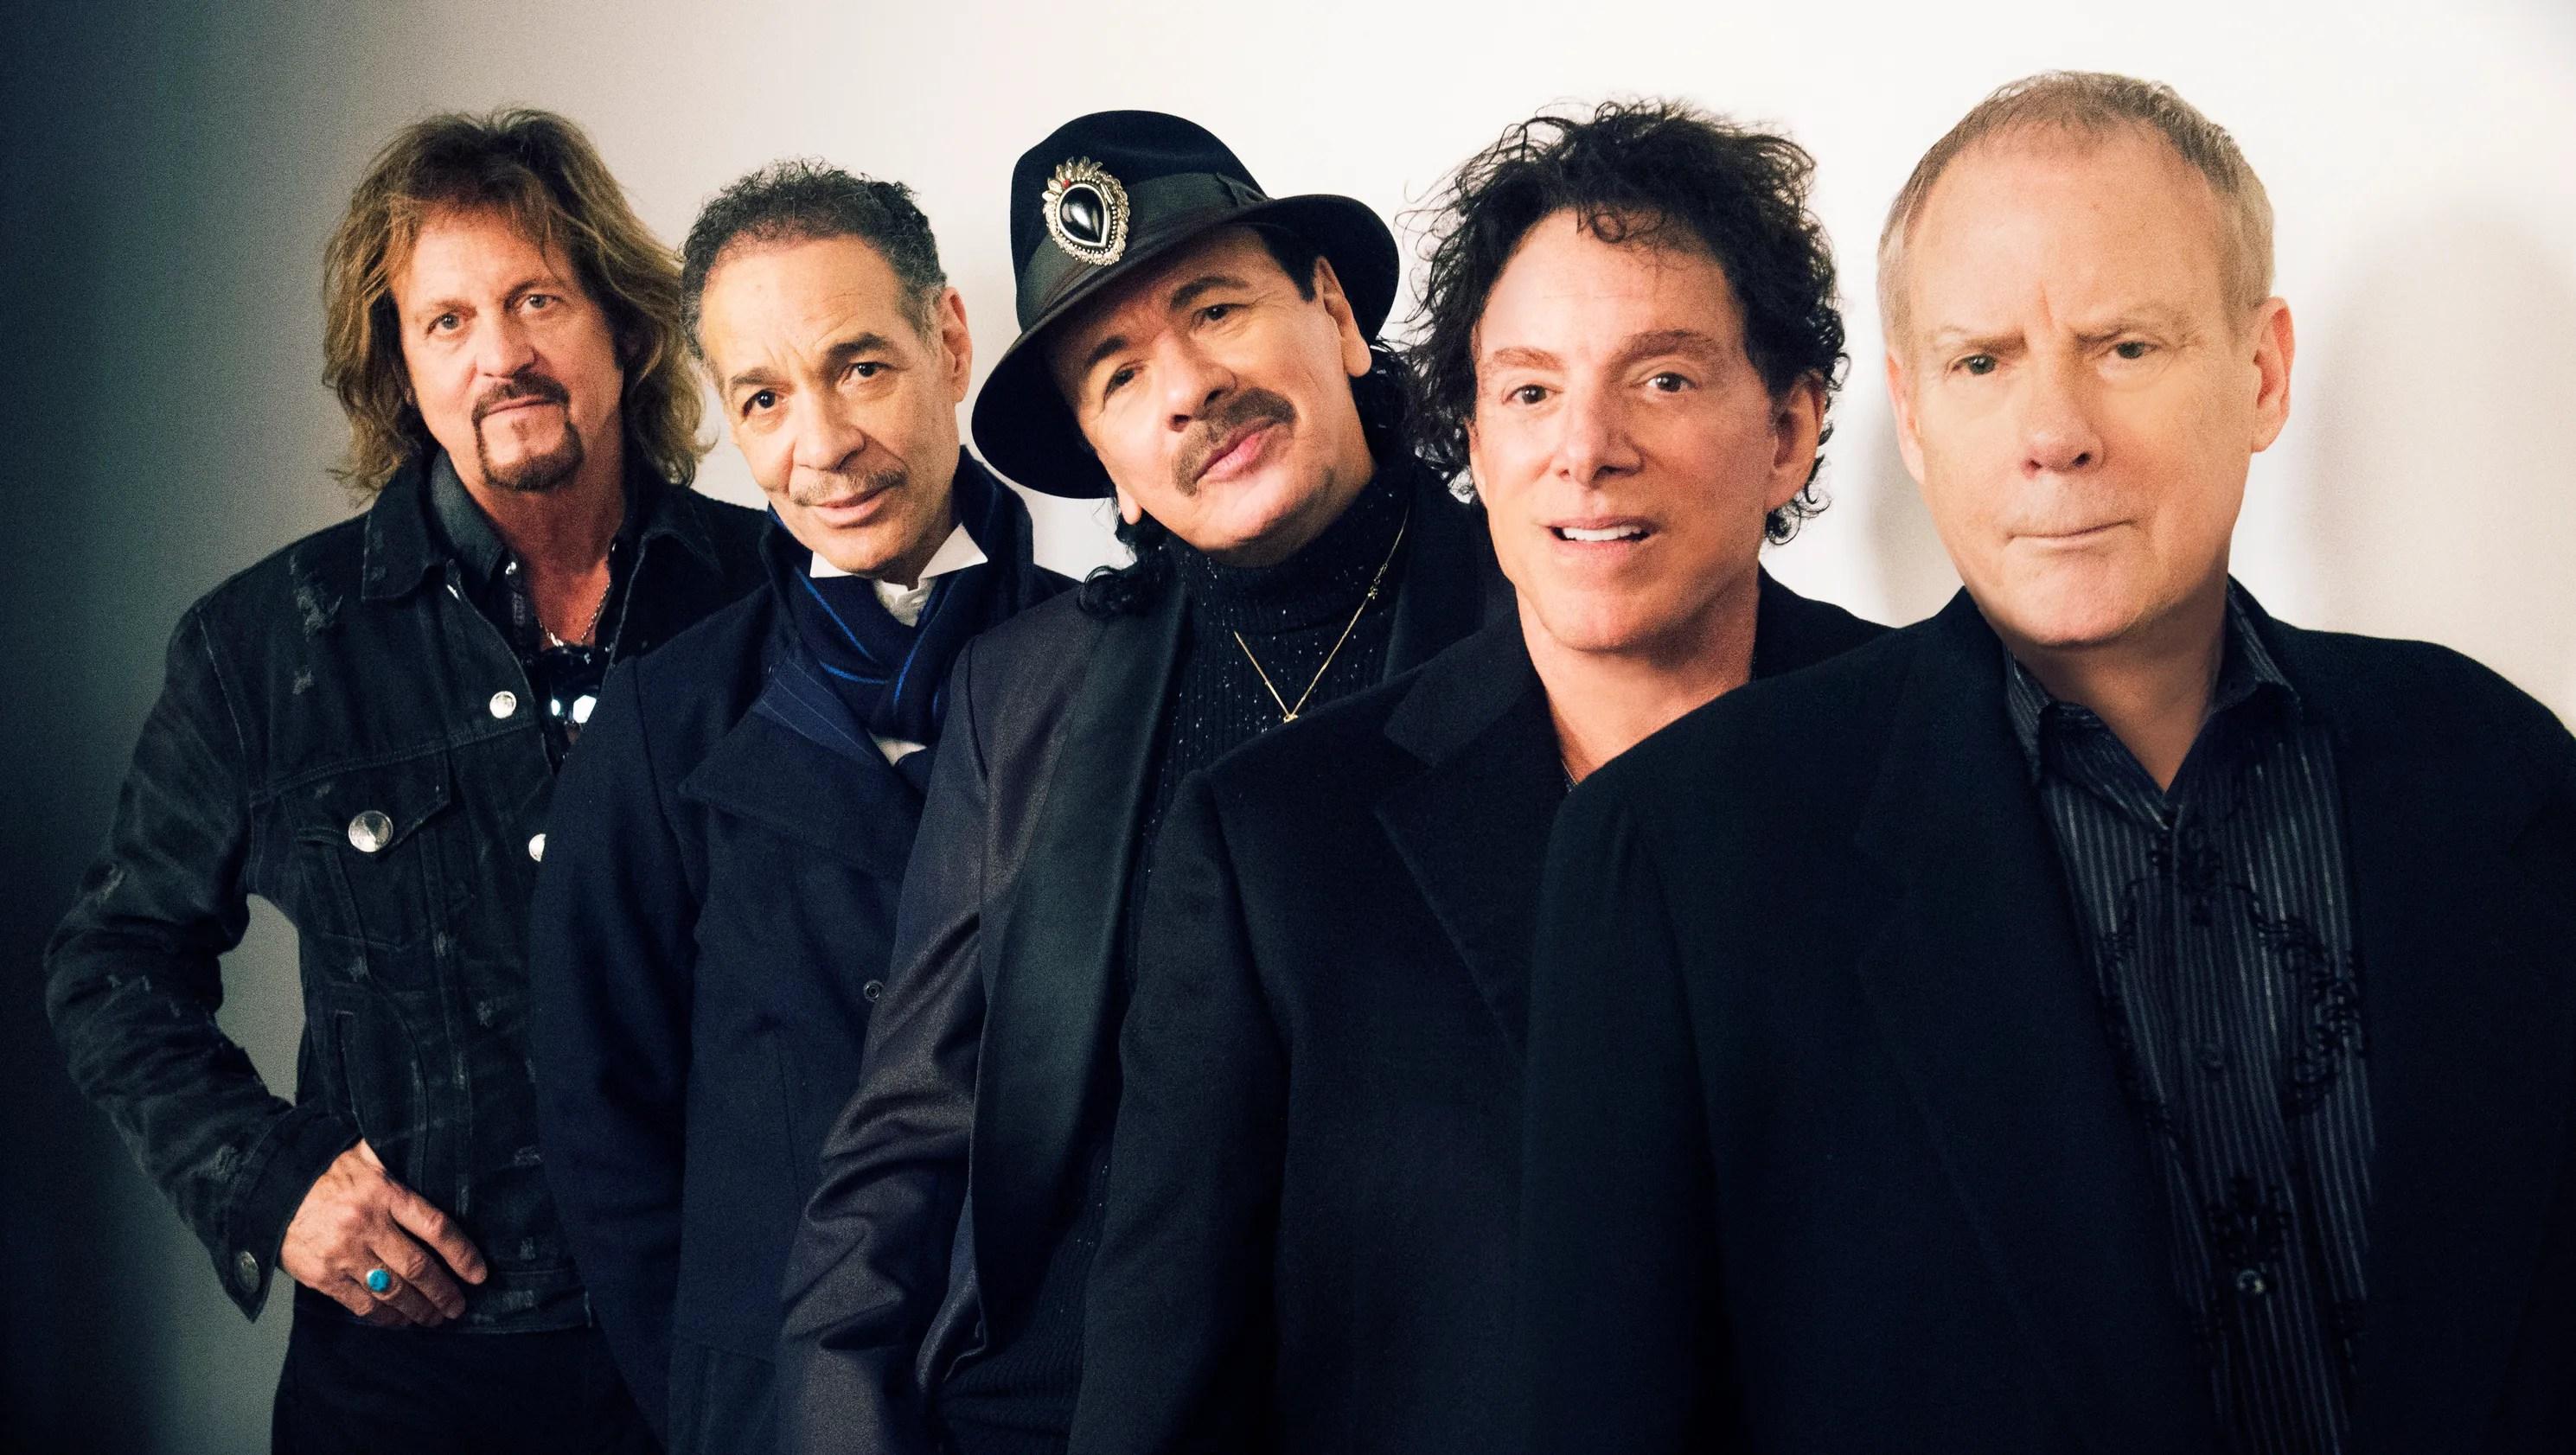 Original Santana Members Reunite For Second Chance